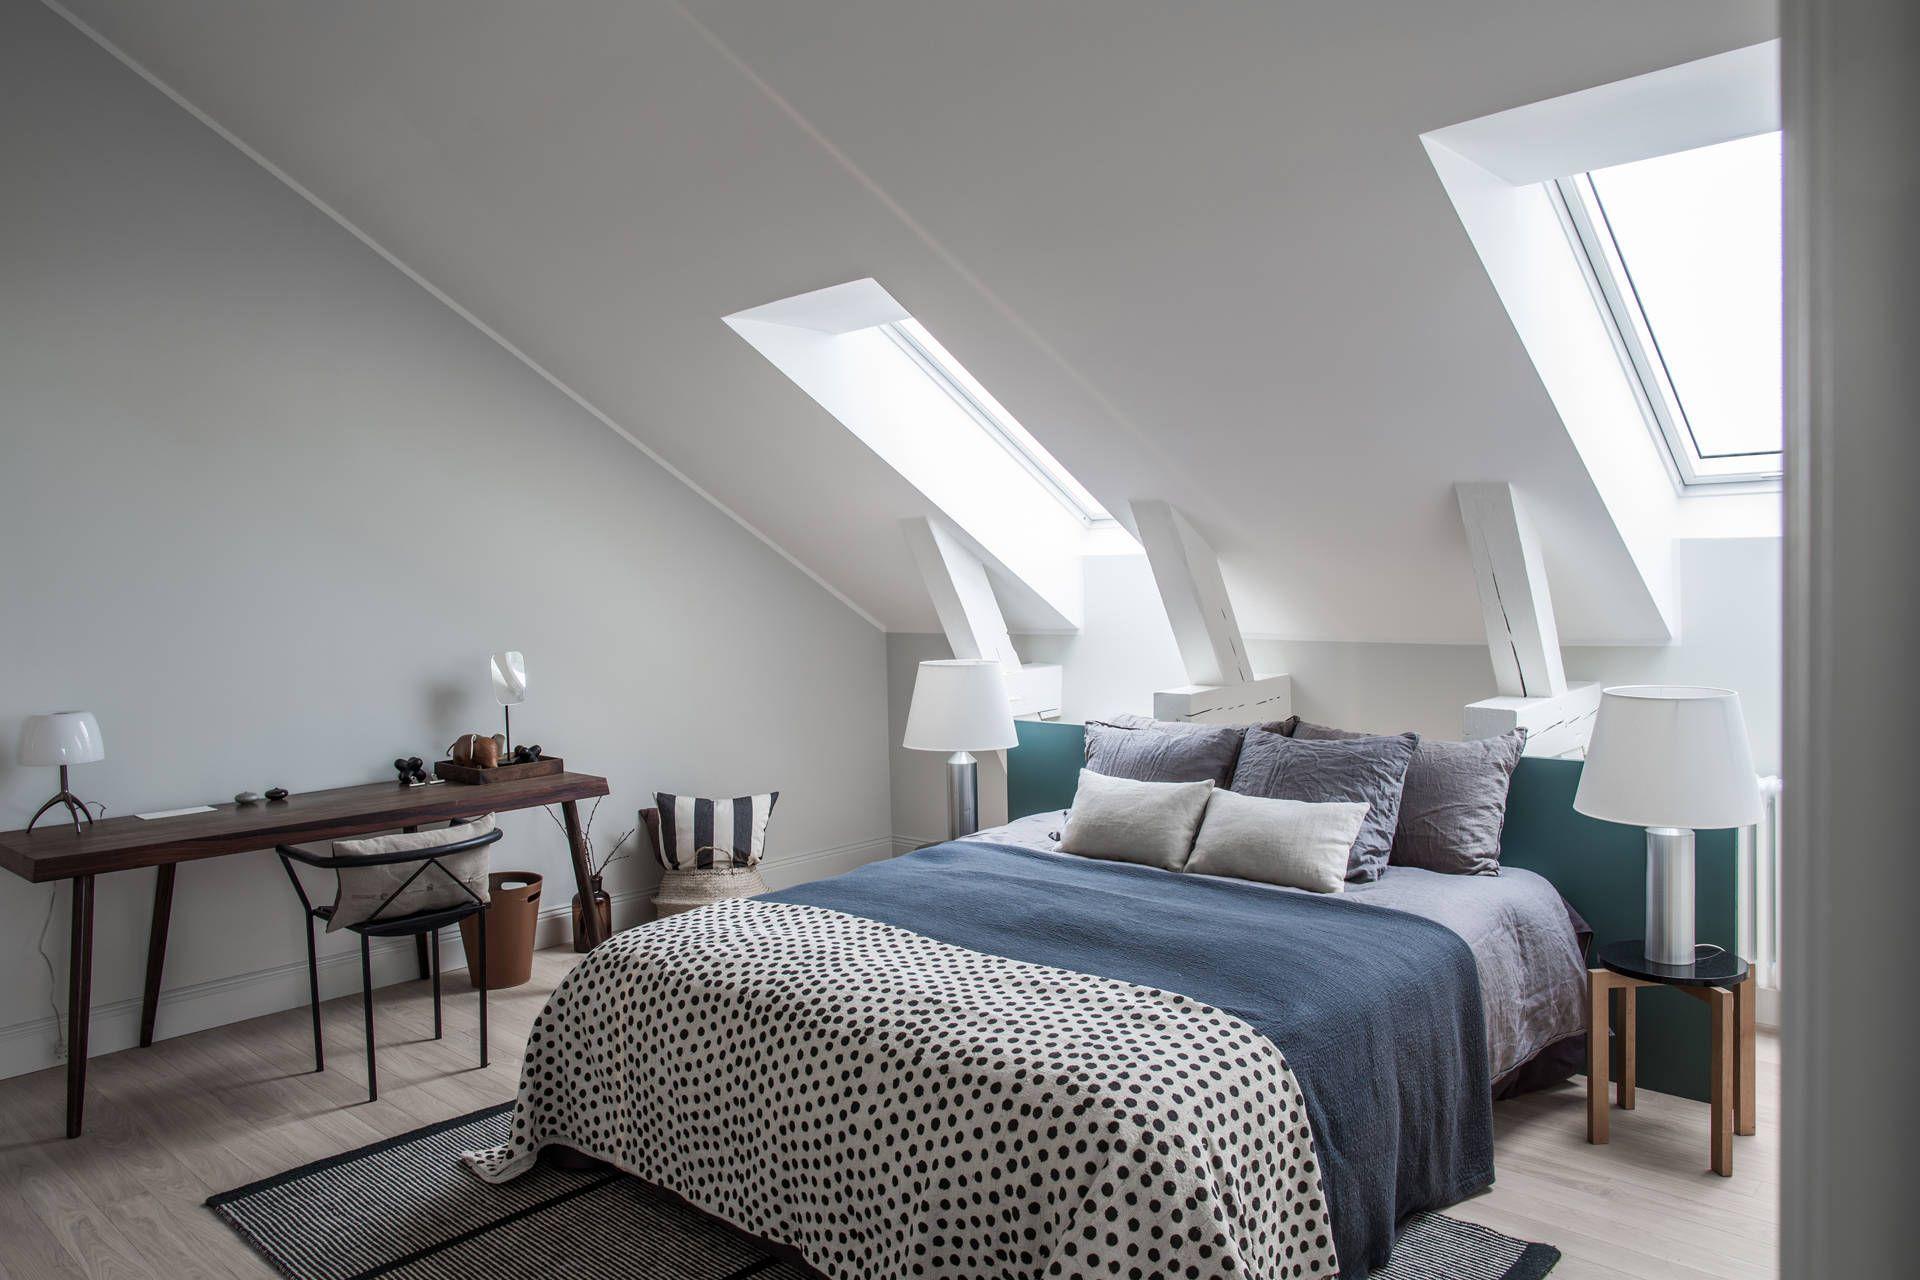 Bedroom interior roof una camera da letto sobria e luminosa  dormire in mansarda